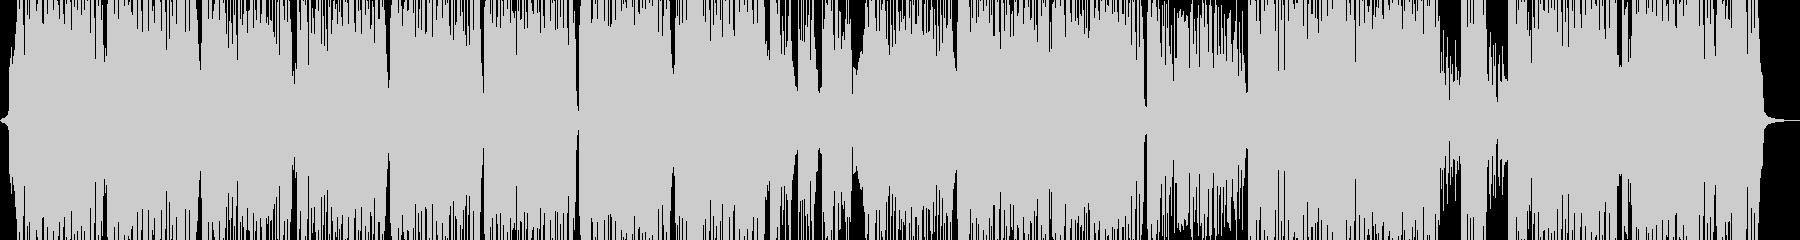 弾けるカラフルポップな映像や演出に Bの未再生の波形